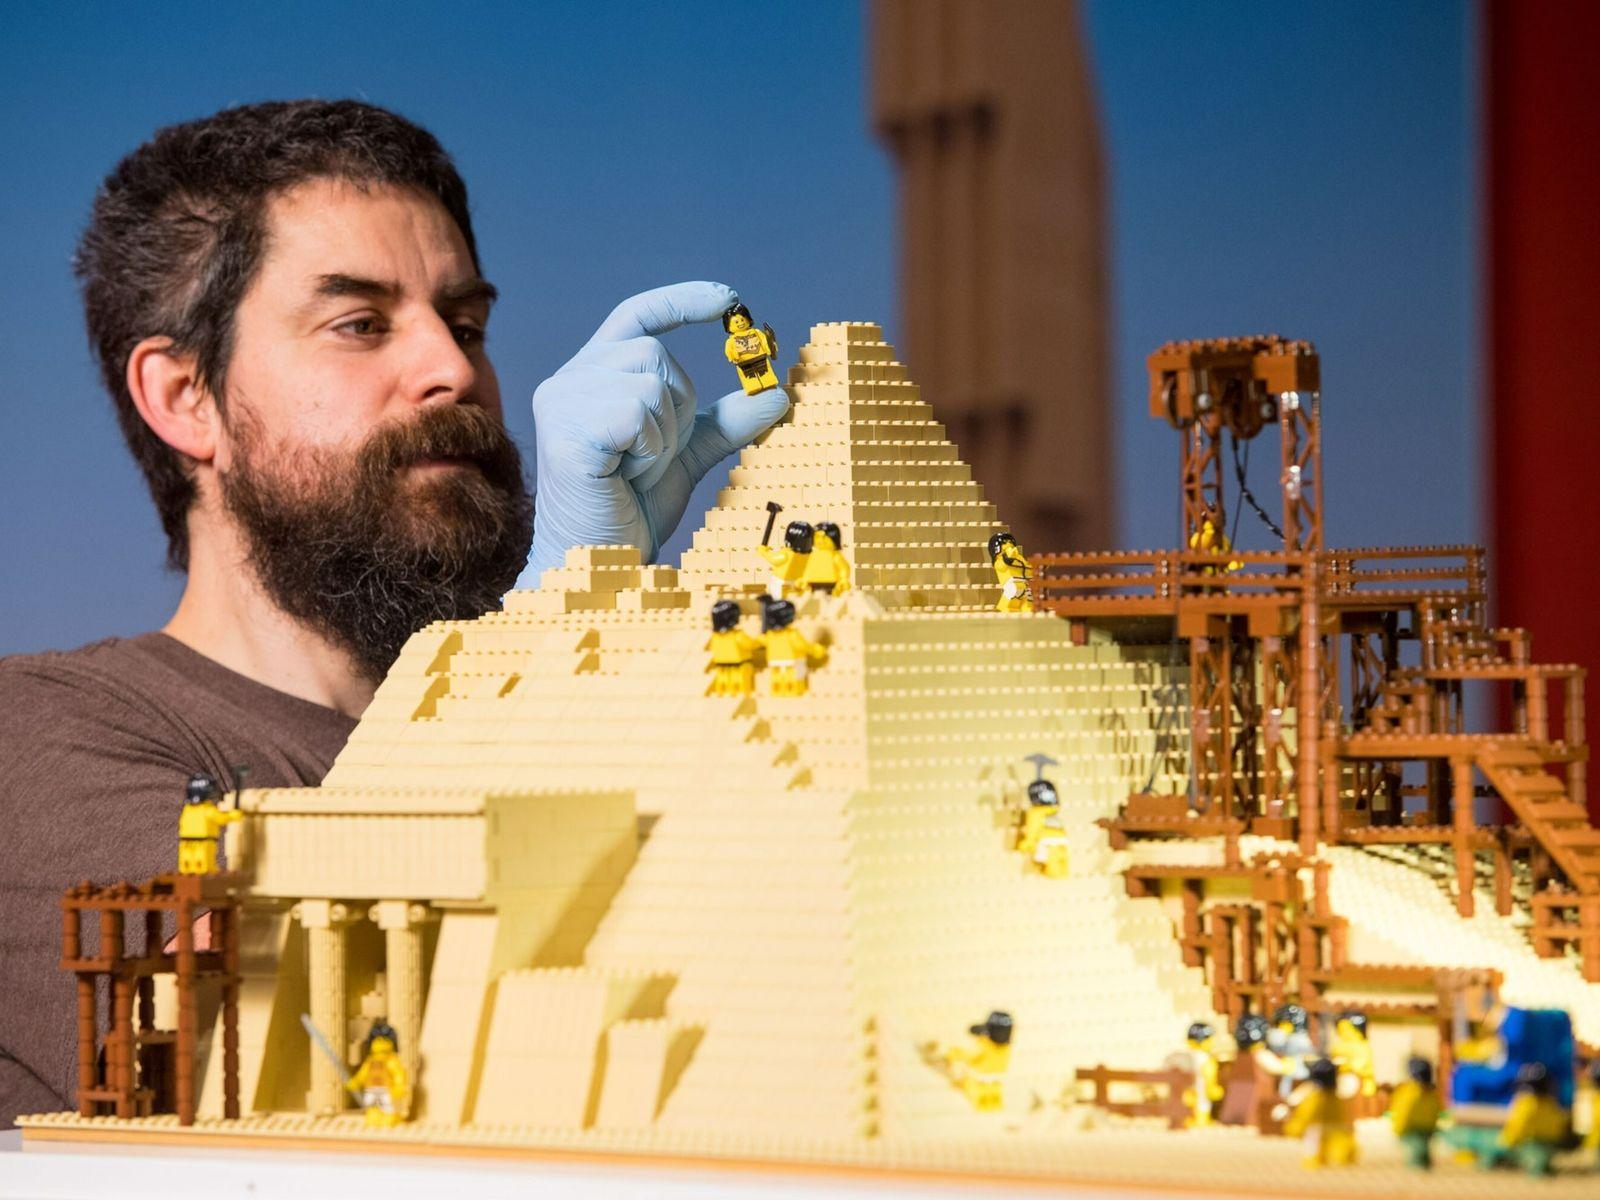 Os fãs adultos de LEGO como Phil Sofer, aqui a construir um modelo da Grande Pirâmide ...